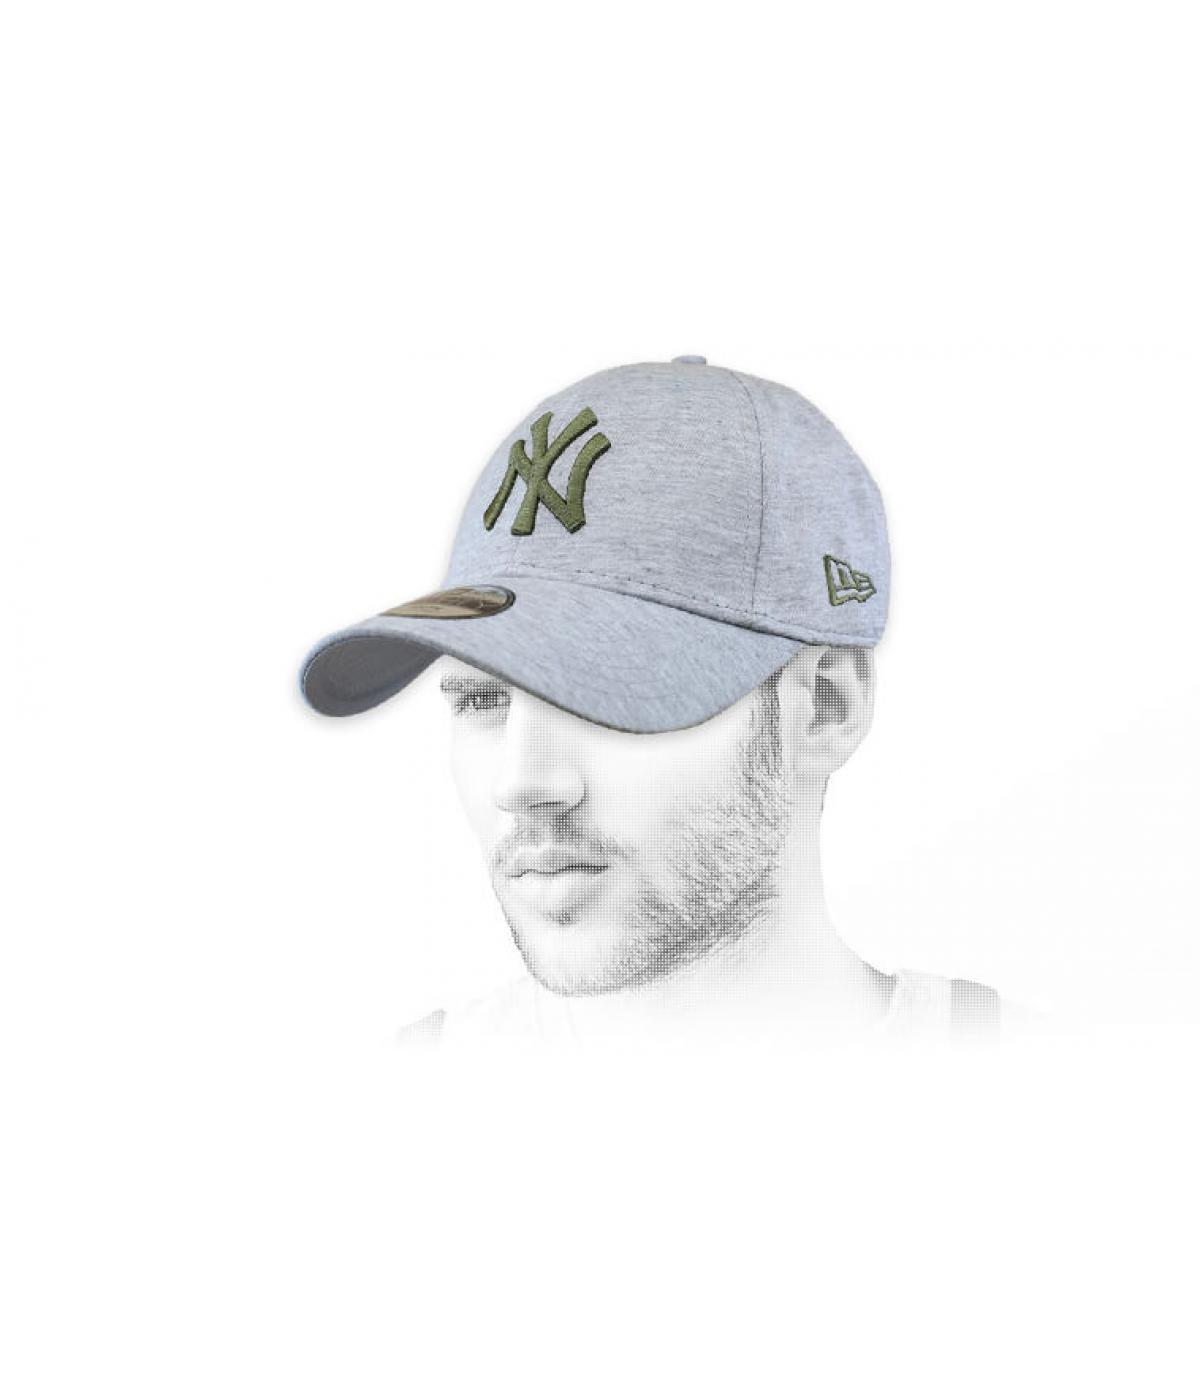 Cappellino verde grigio NY